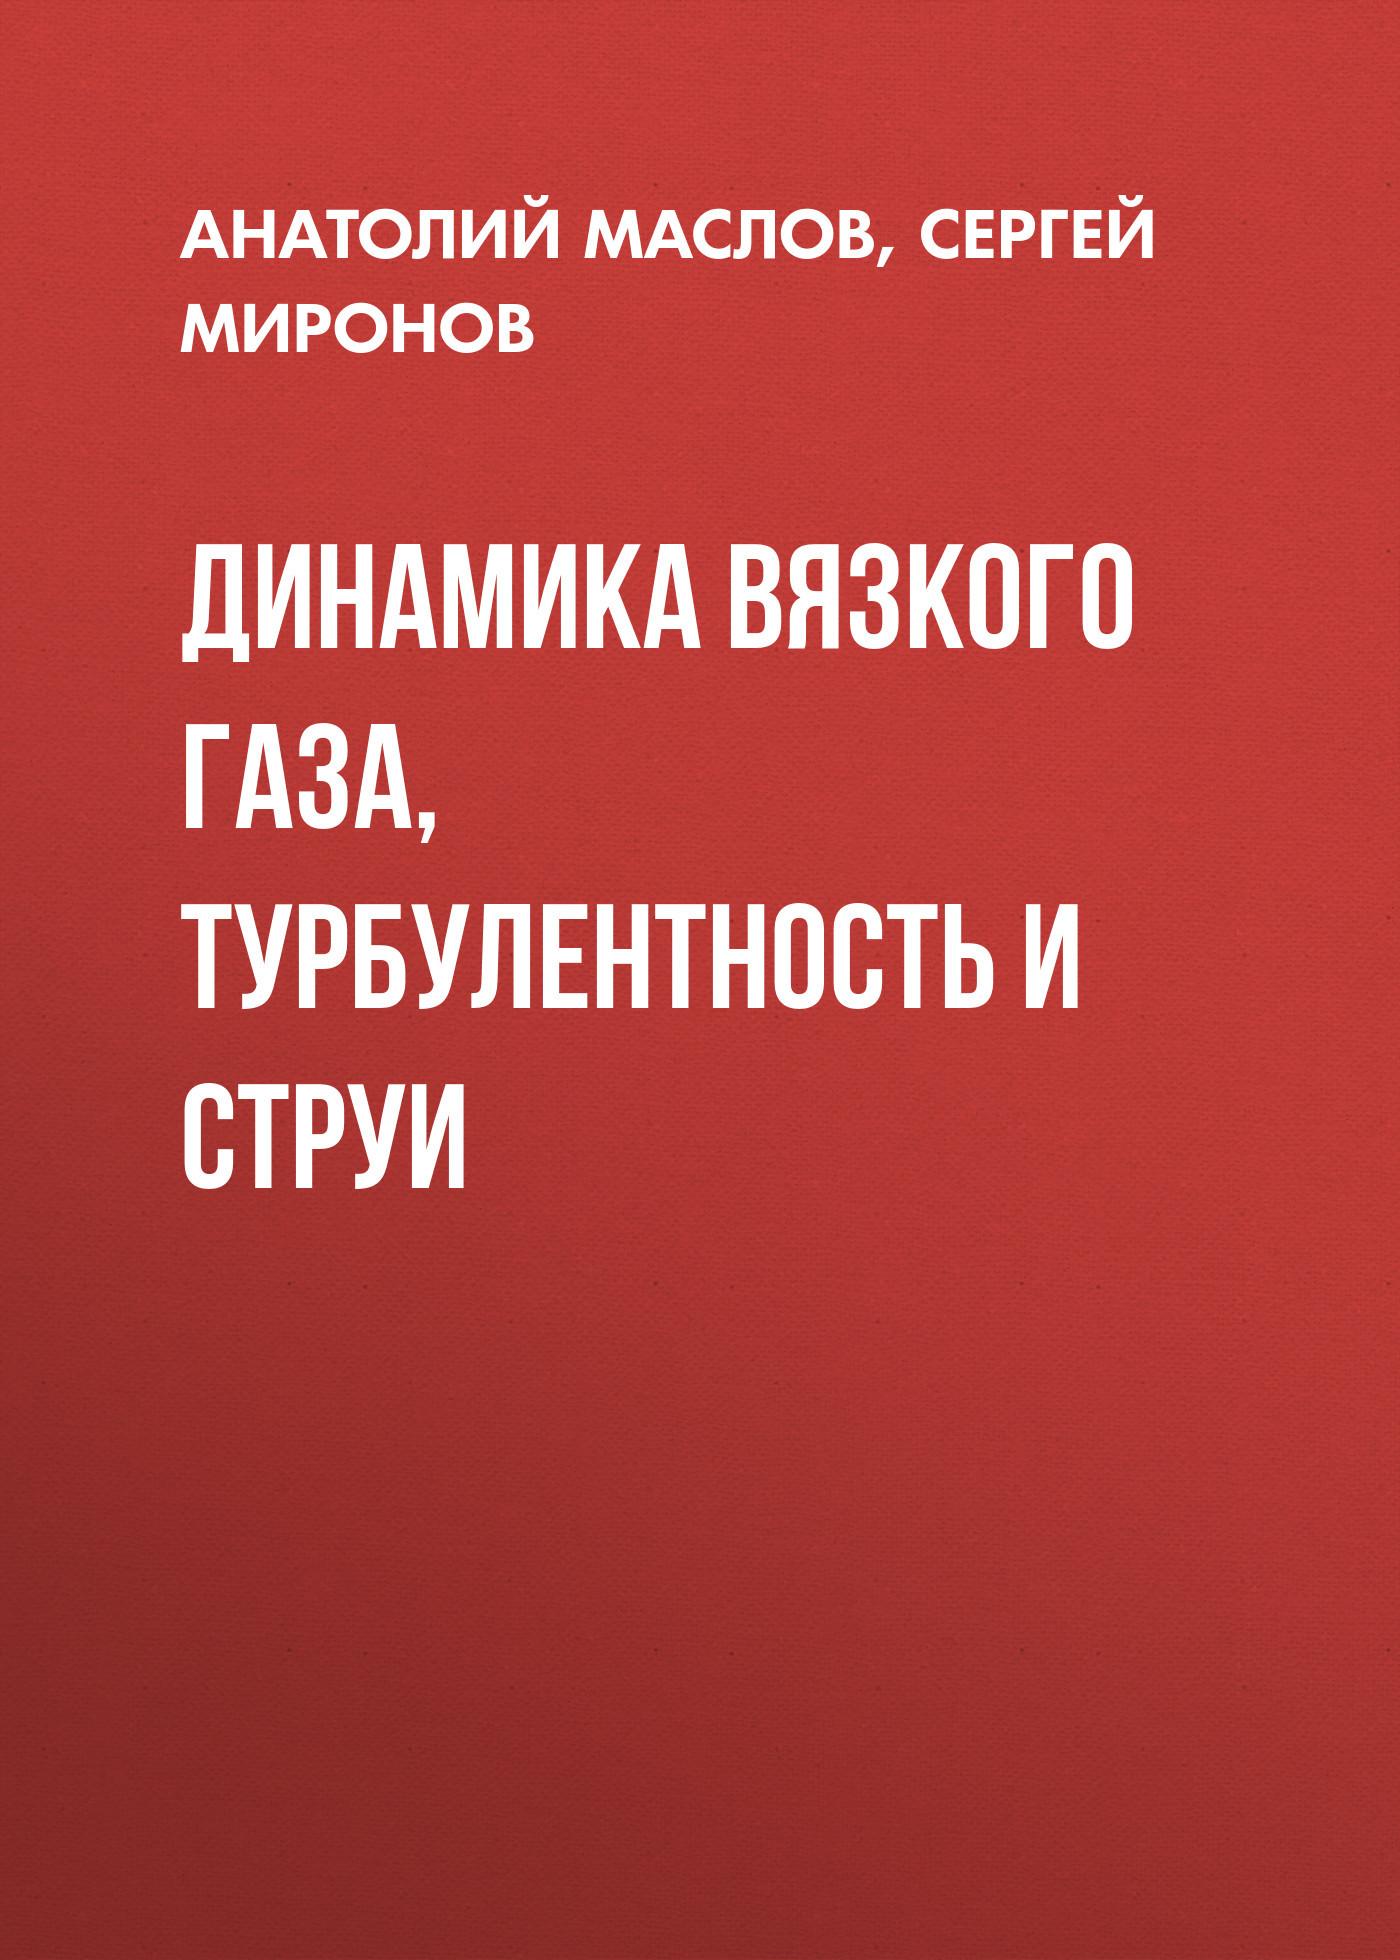 Анатолий Маслов Динамика вязкого газа турбулентность и струи